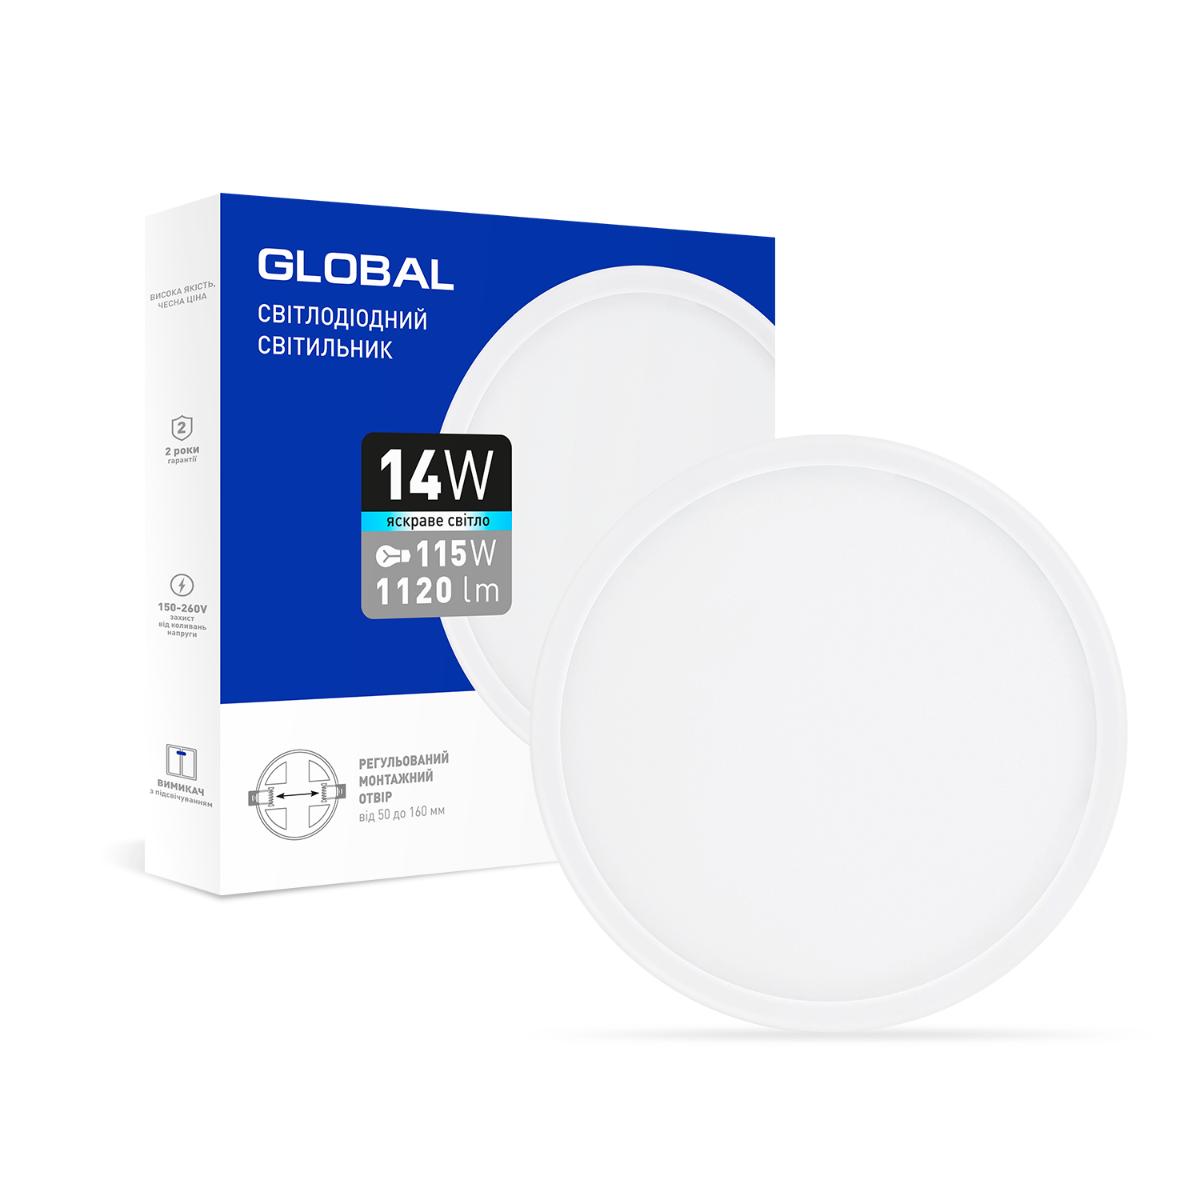 Точковий врізний LED-світильник GLOBAL SP adjustable 14W, 4100K (коло)